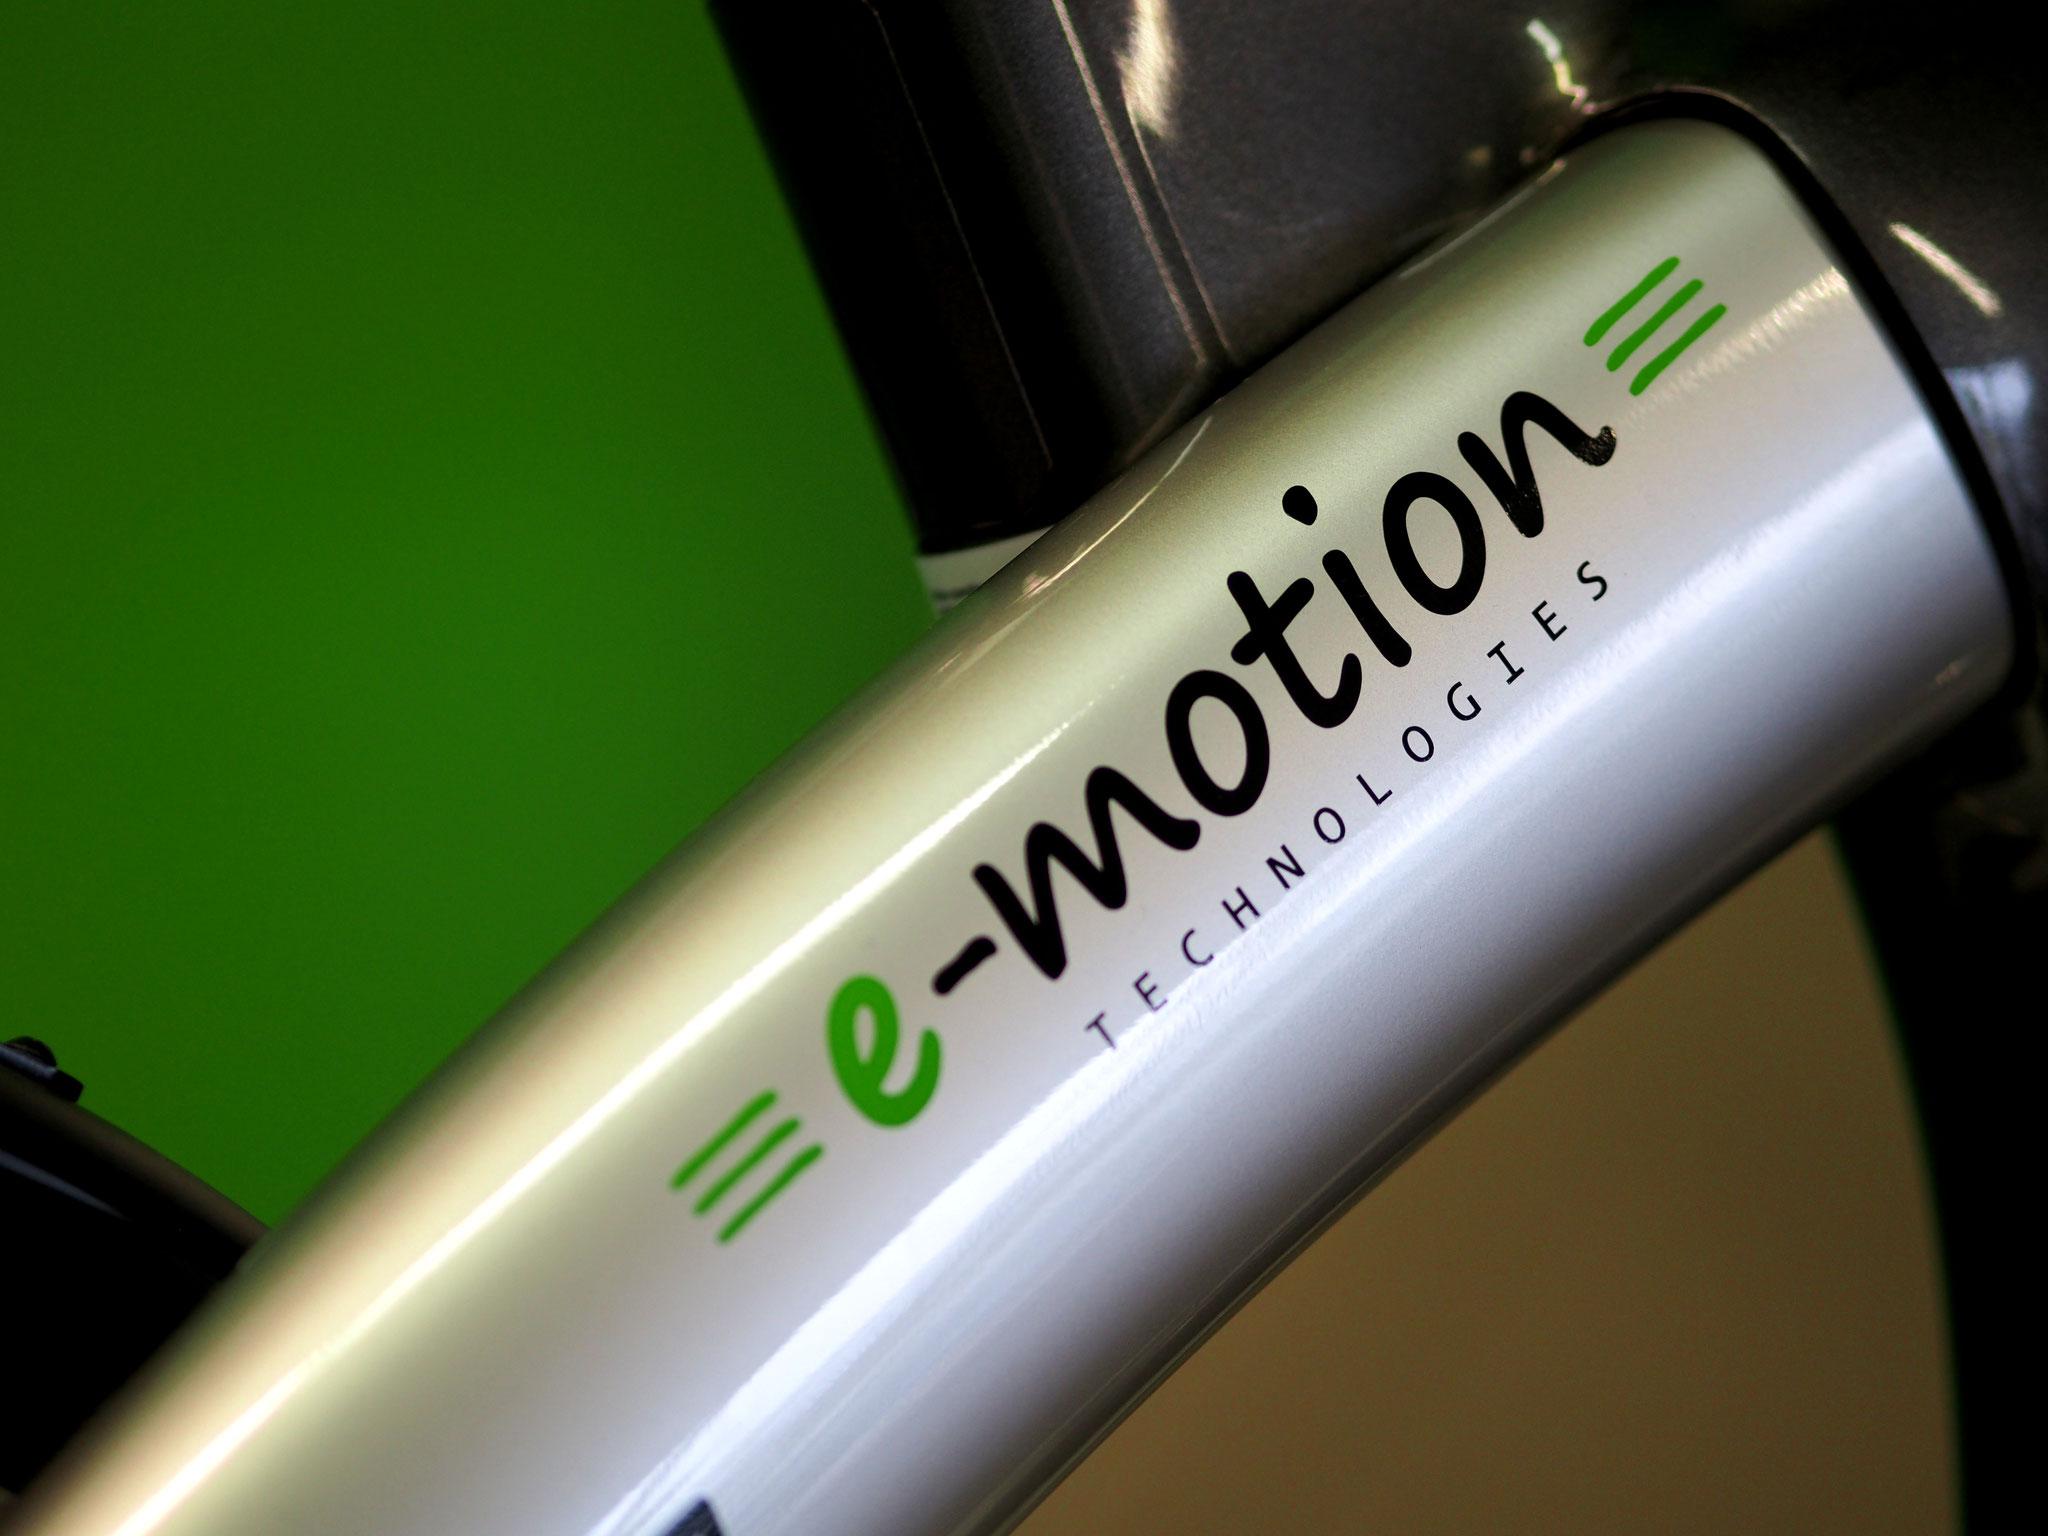 Ihr kompetenter Ansprechpartner in Serviceangelegenheiten für e-Bikes, Pedelecs und ELektrofahrräder - die e-motion e-Bike Welt Gießen